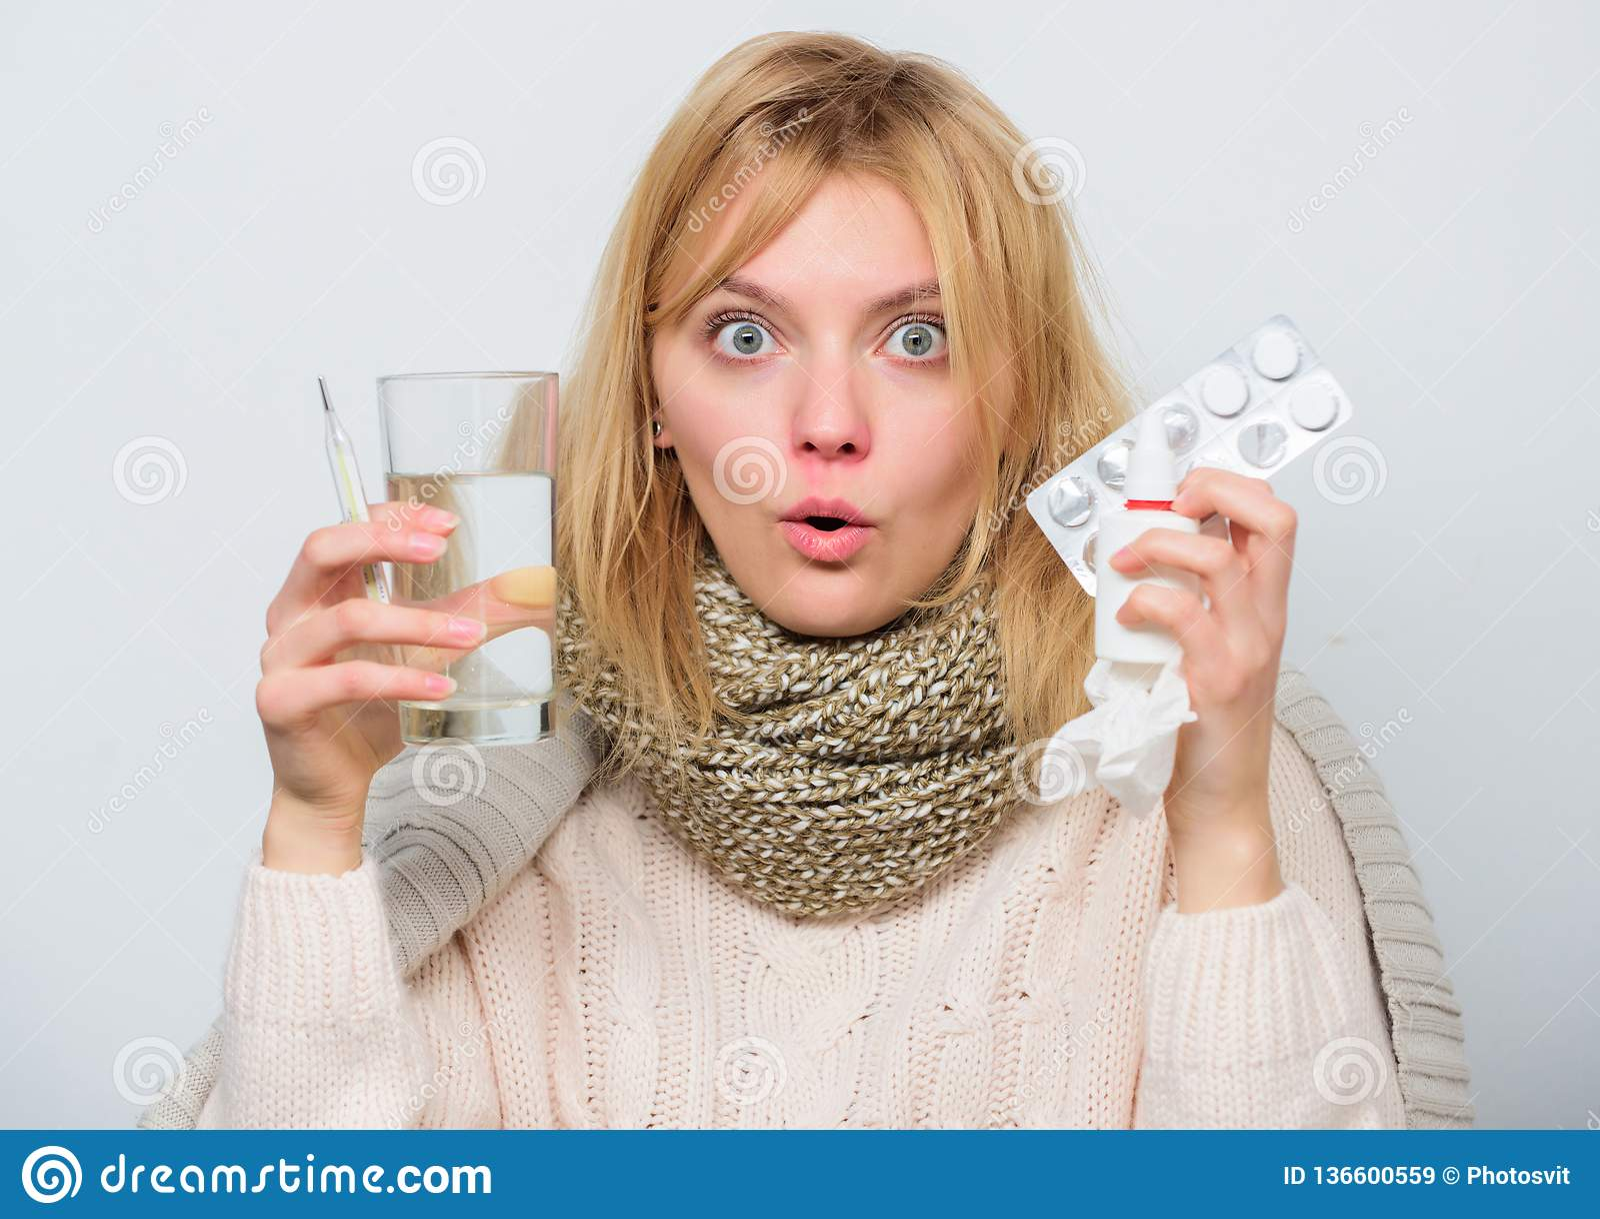 Wp8lywy pigułki uśmierzają febrę Napój obfitość fluidy Dziewczyna bierze medycynę łamać febrę Łamanie febry pojęcie Migrena